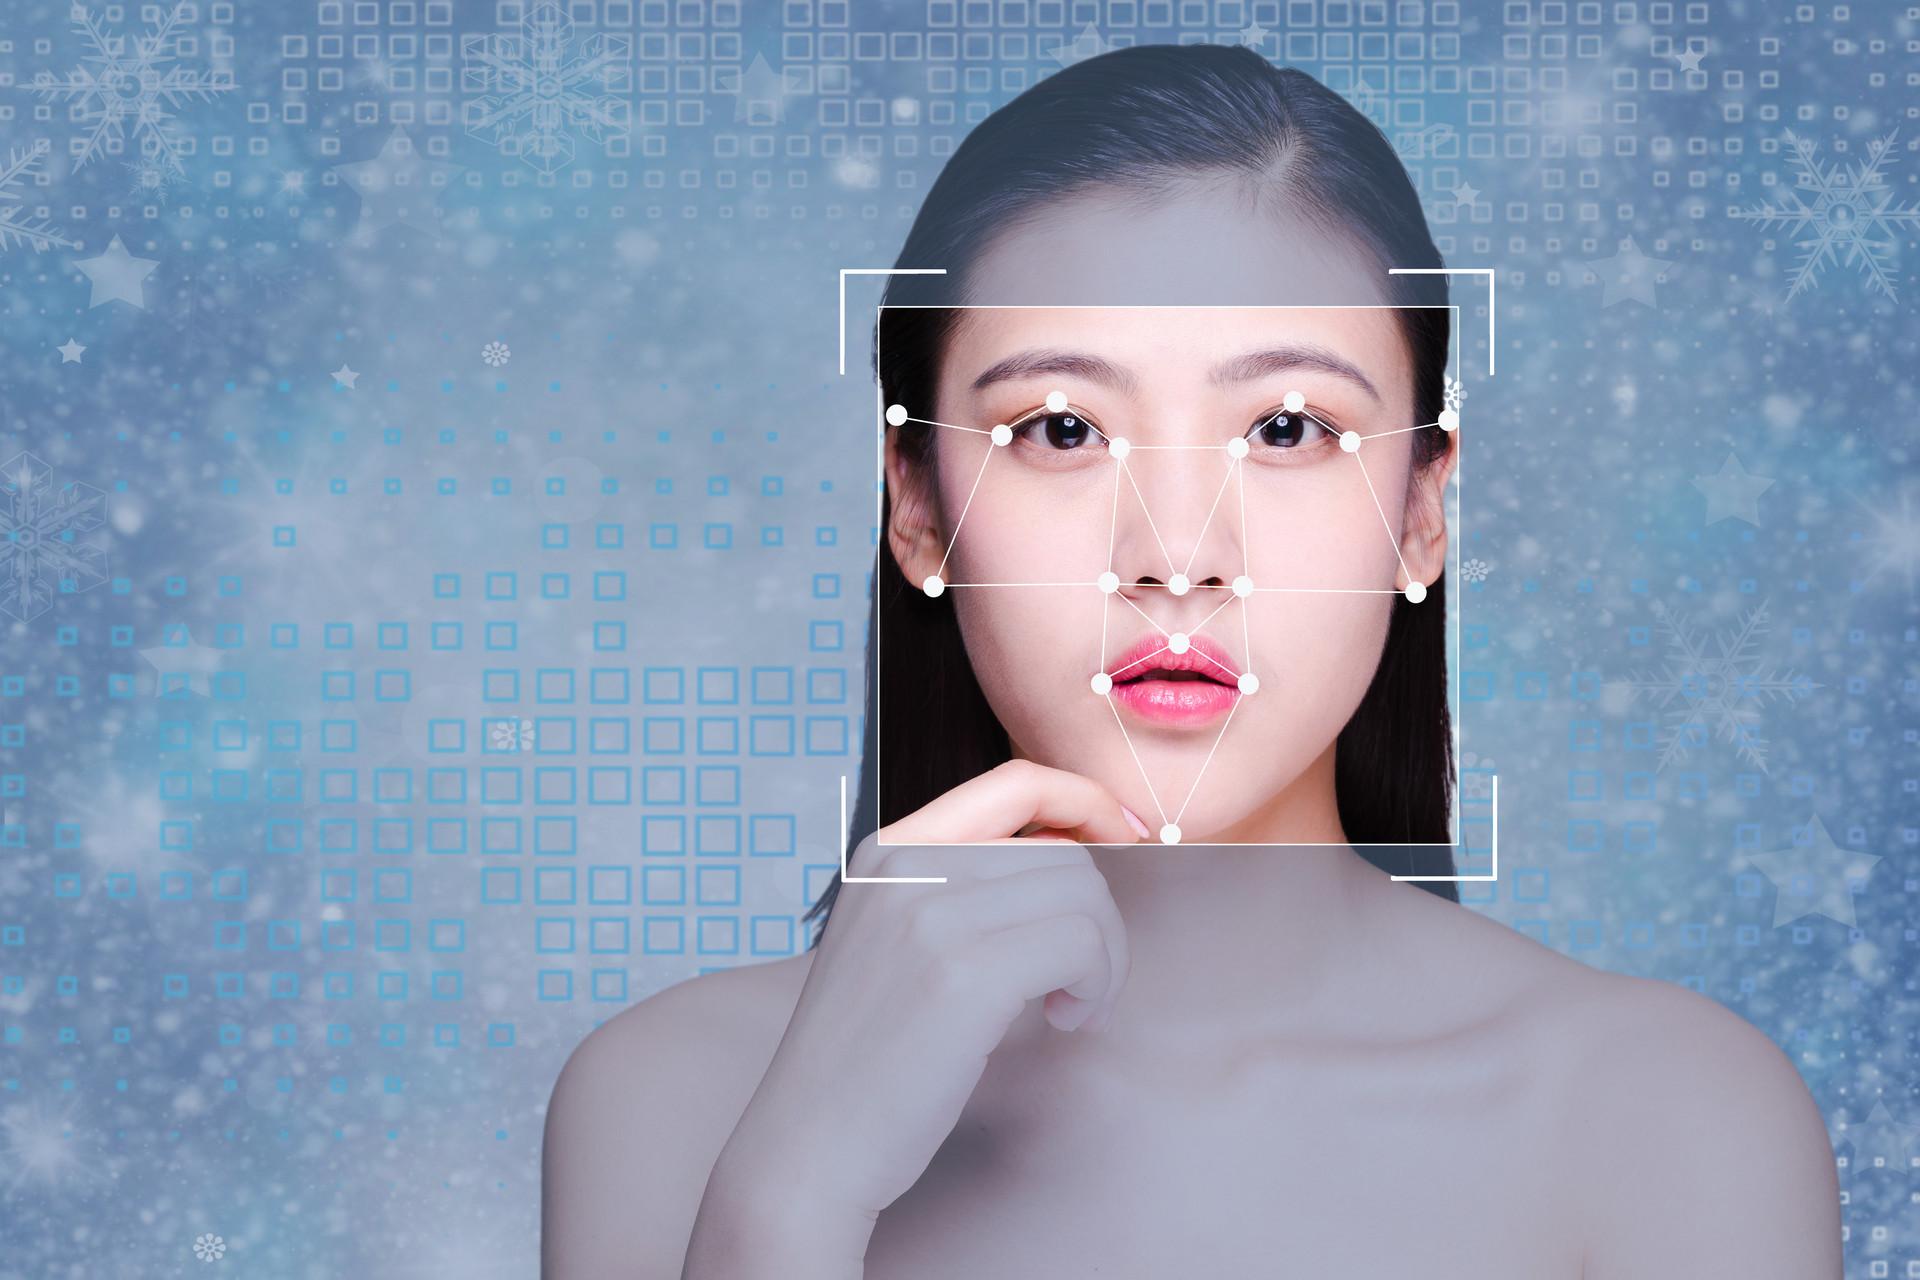 印度将建立大规模人脸识别系统